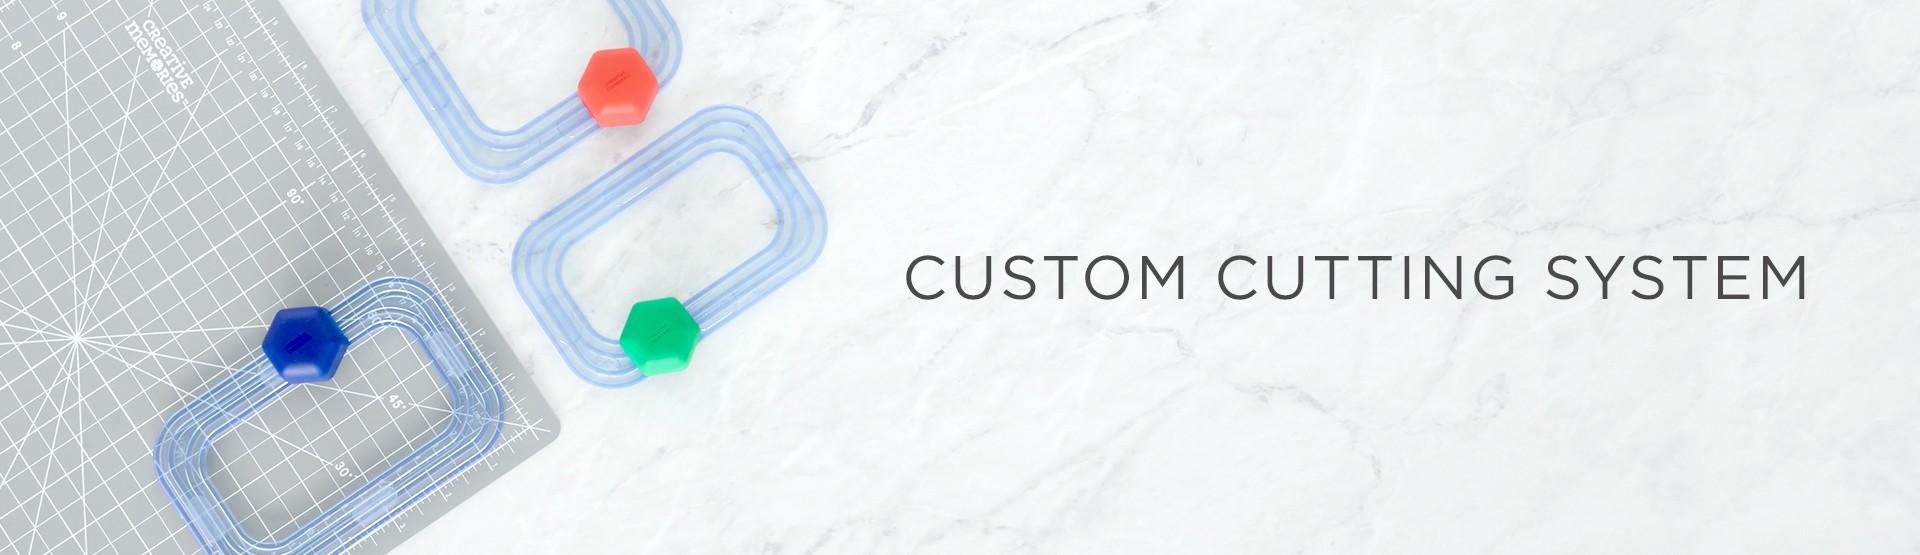 Custom Cutting System